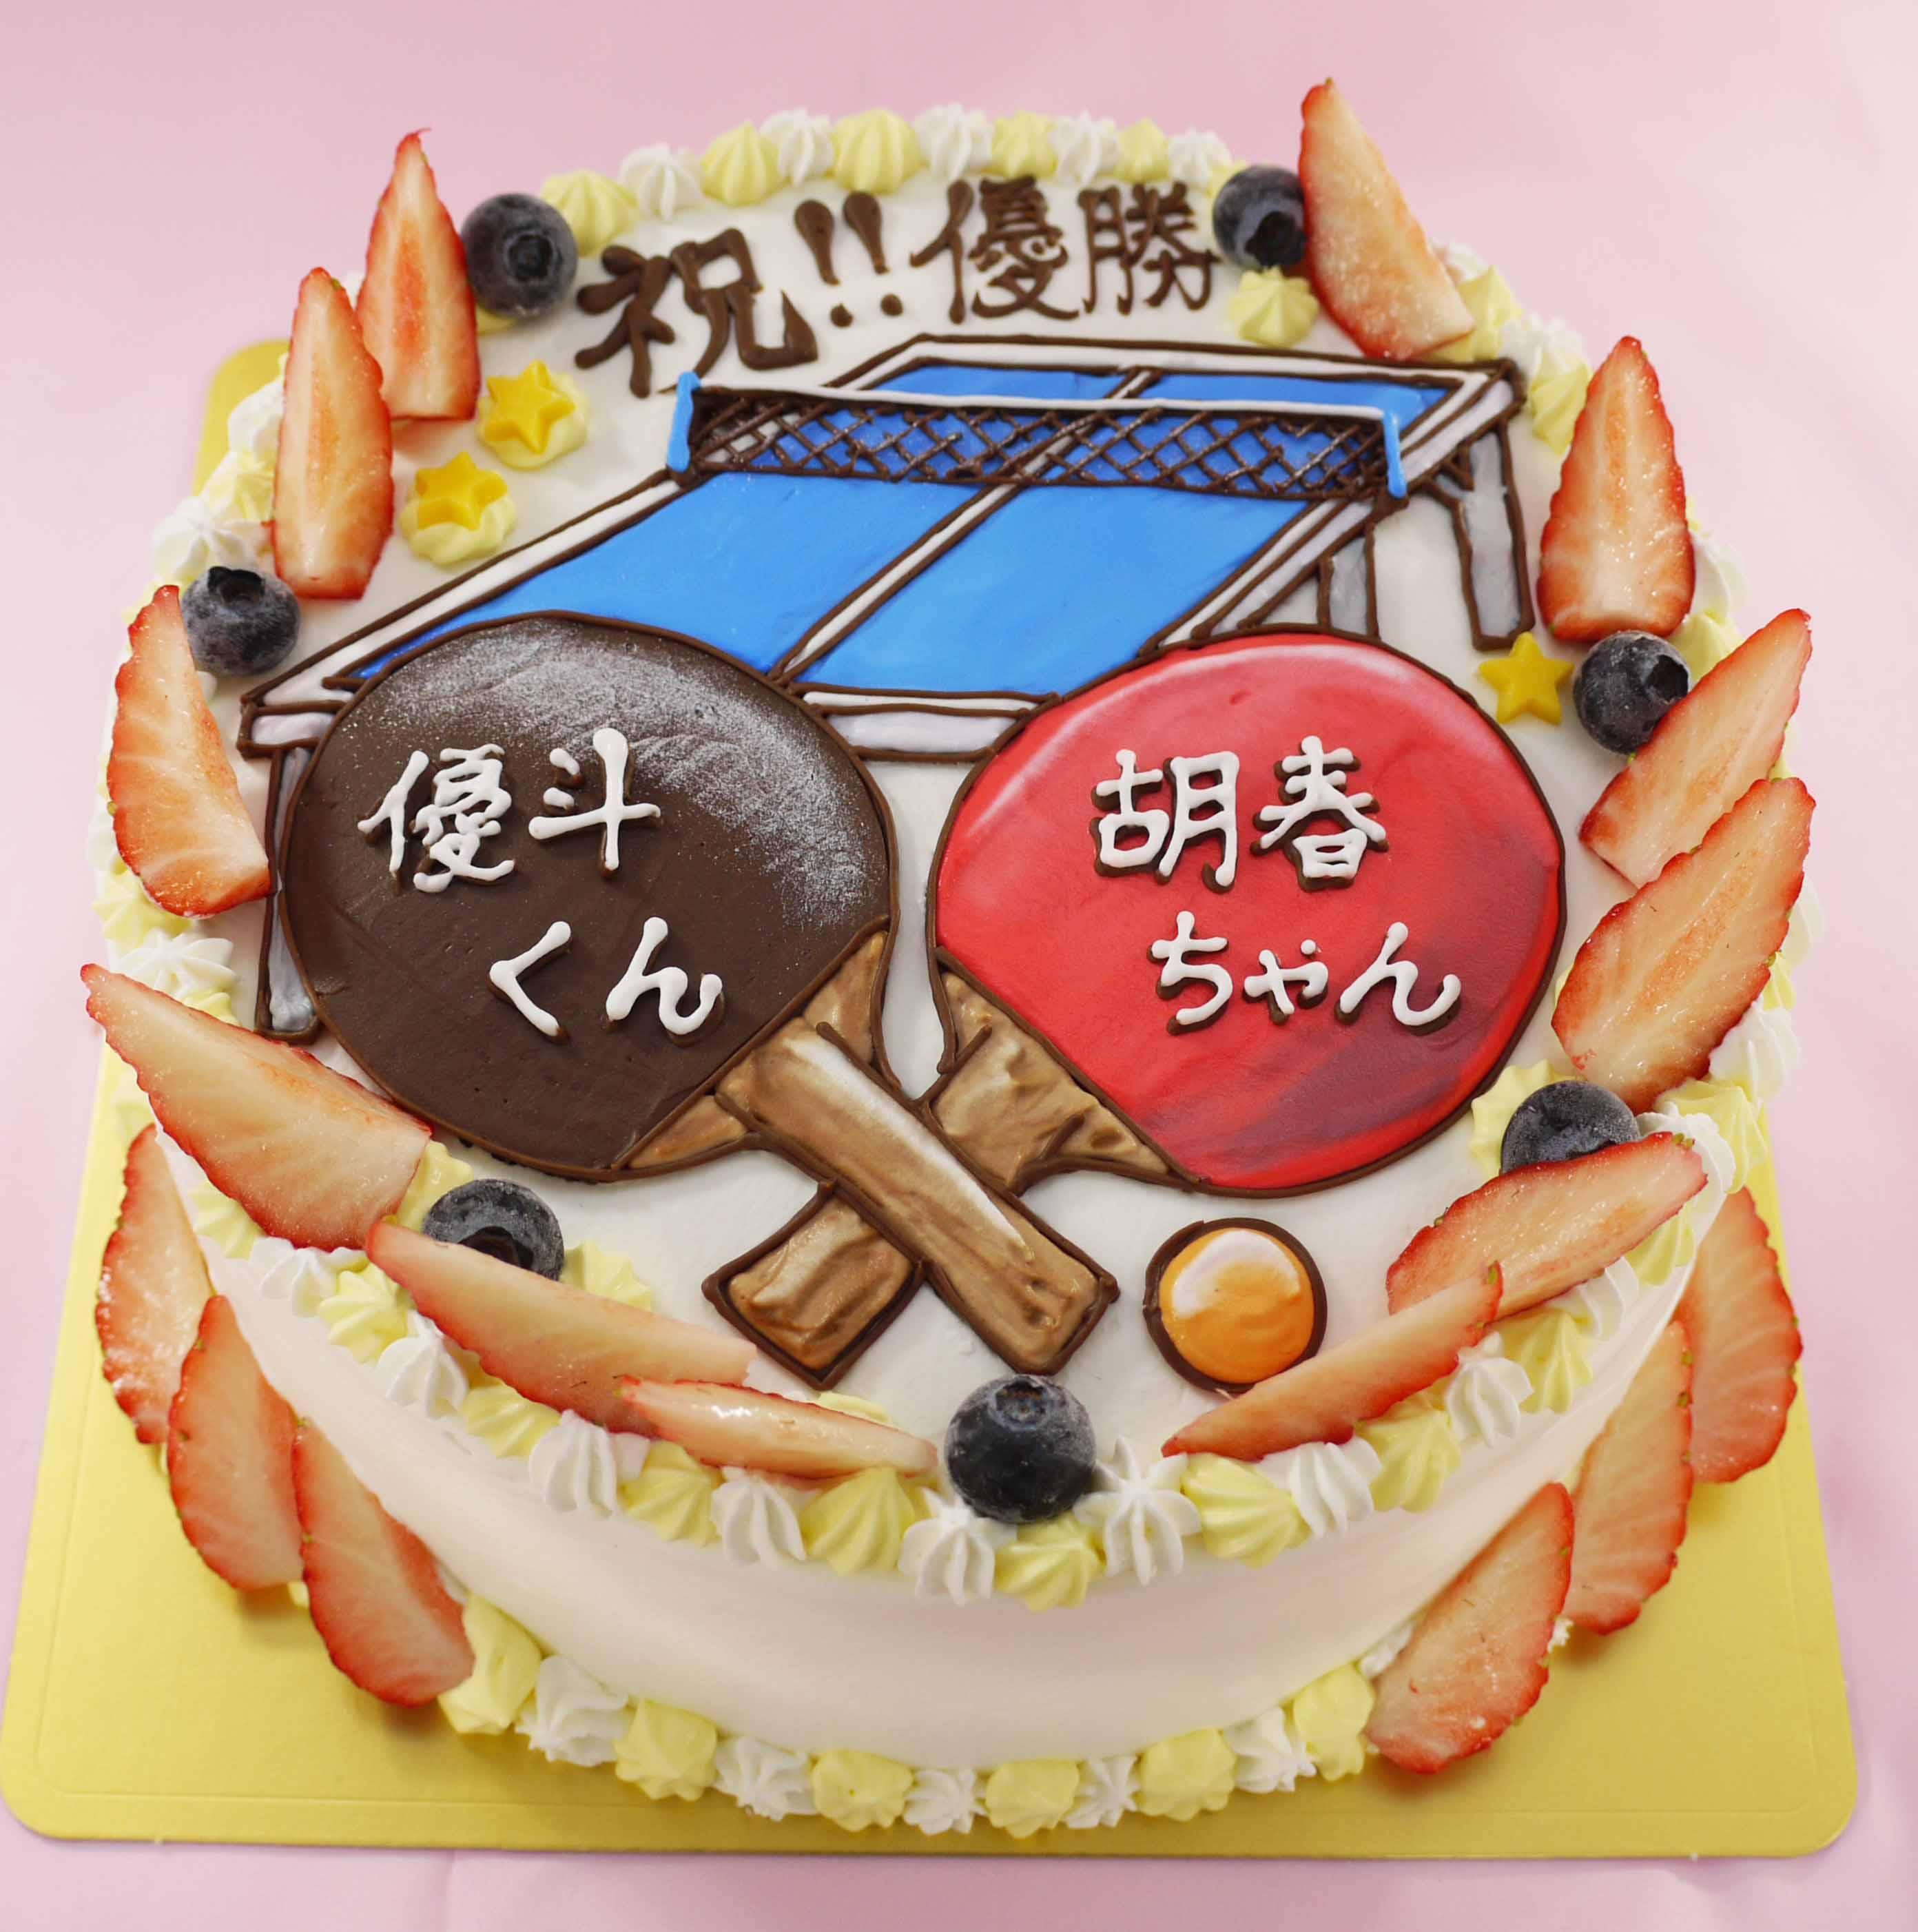 卓球のイラストケーキ